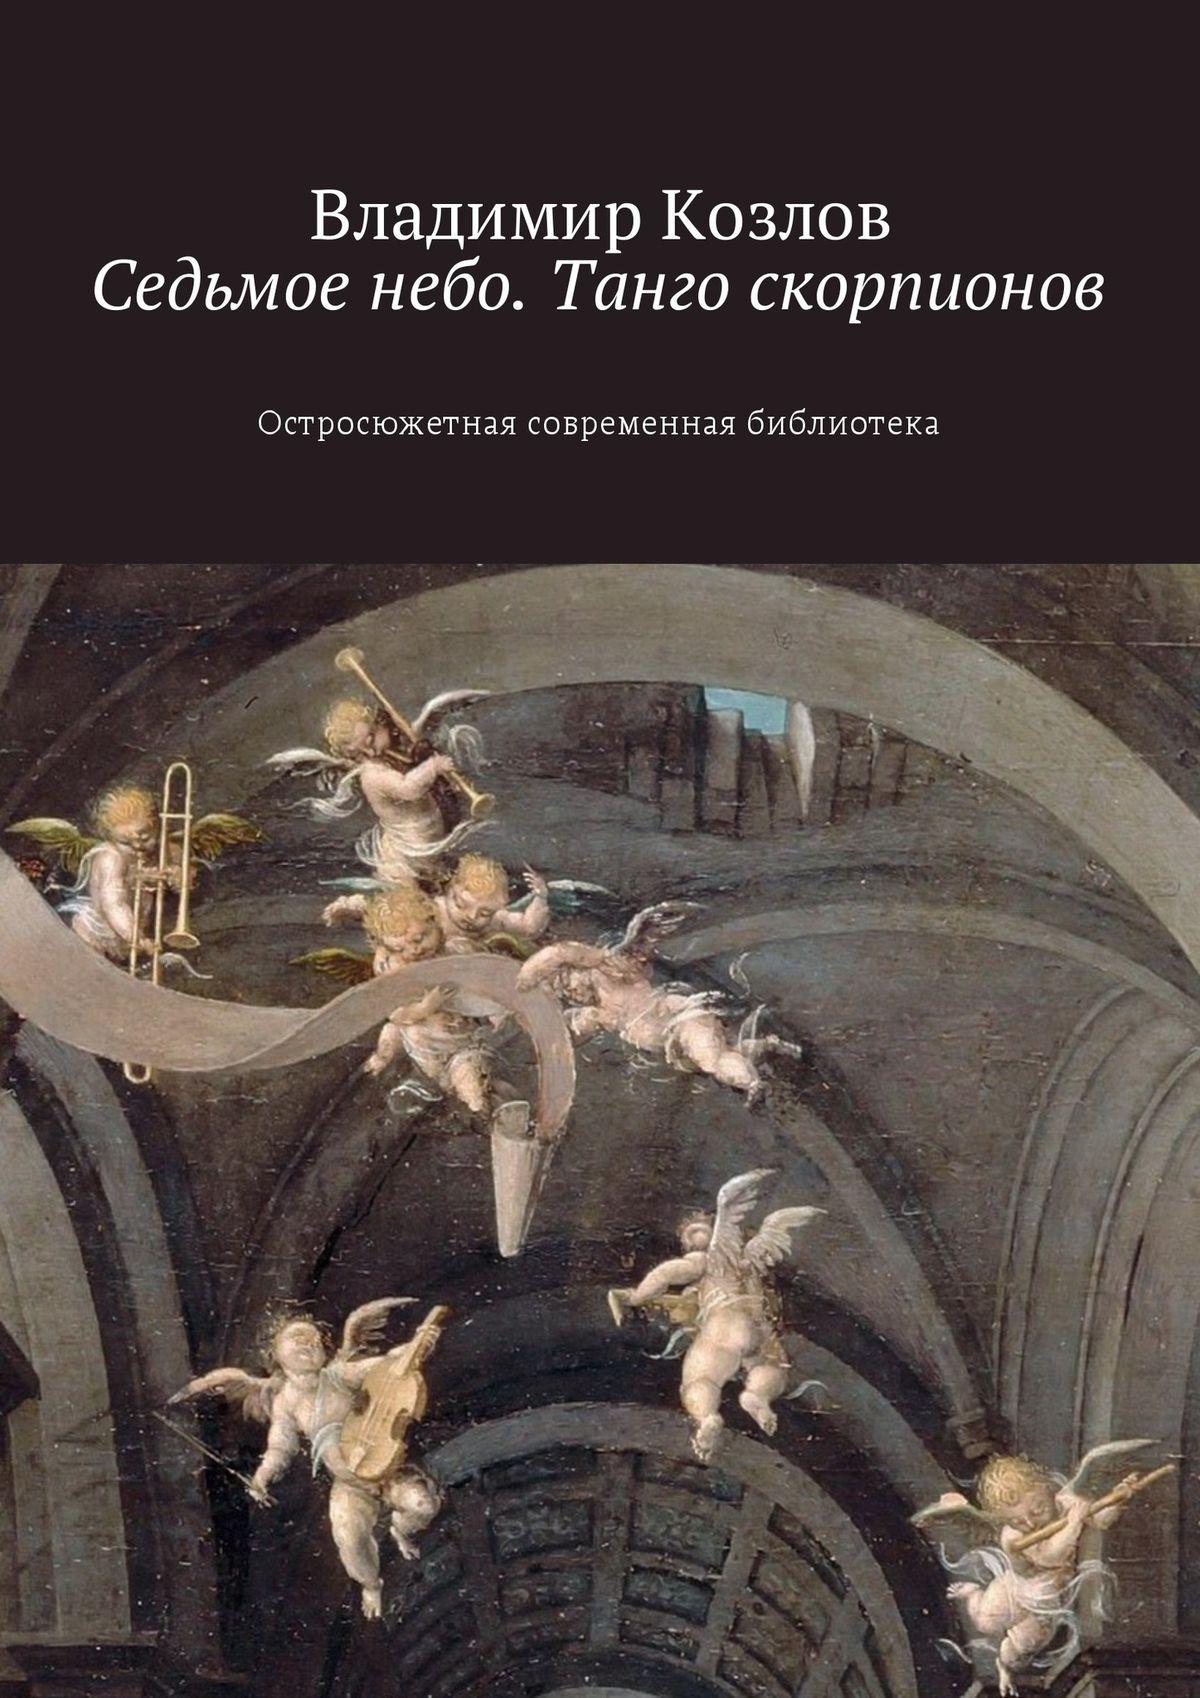 Владимир Козлов Седьмое небо. Танго скорпионов. Остросюжетная современная библиотека матрасы седьмое небо матрас седьмое небо принц классик 140х70х10 см